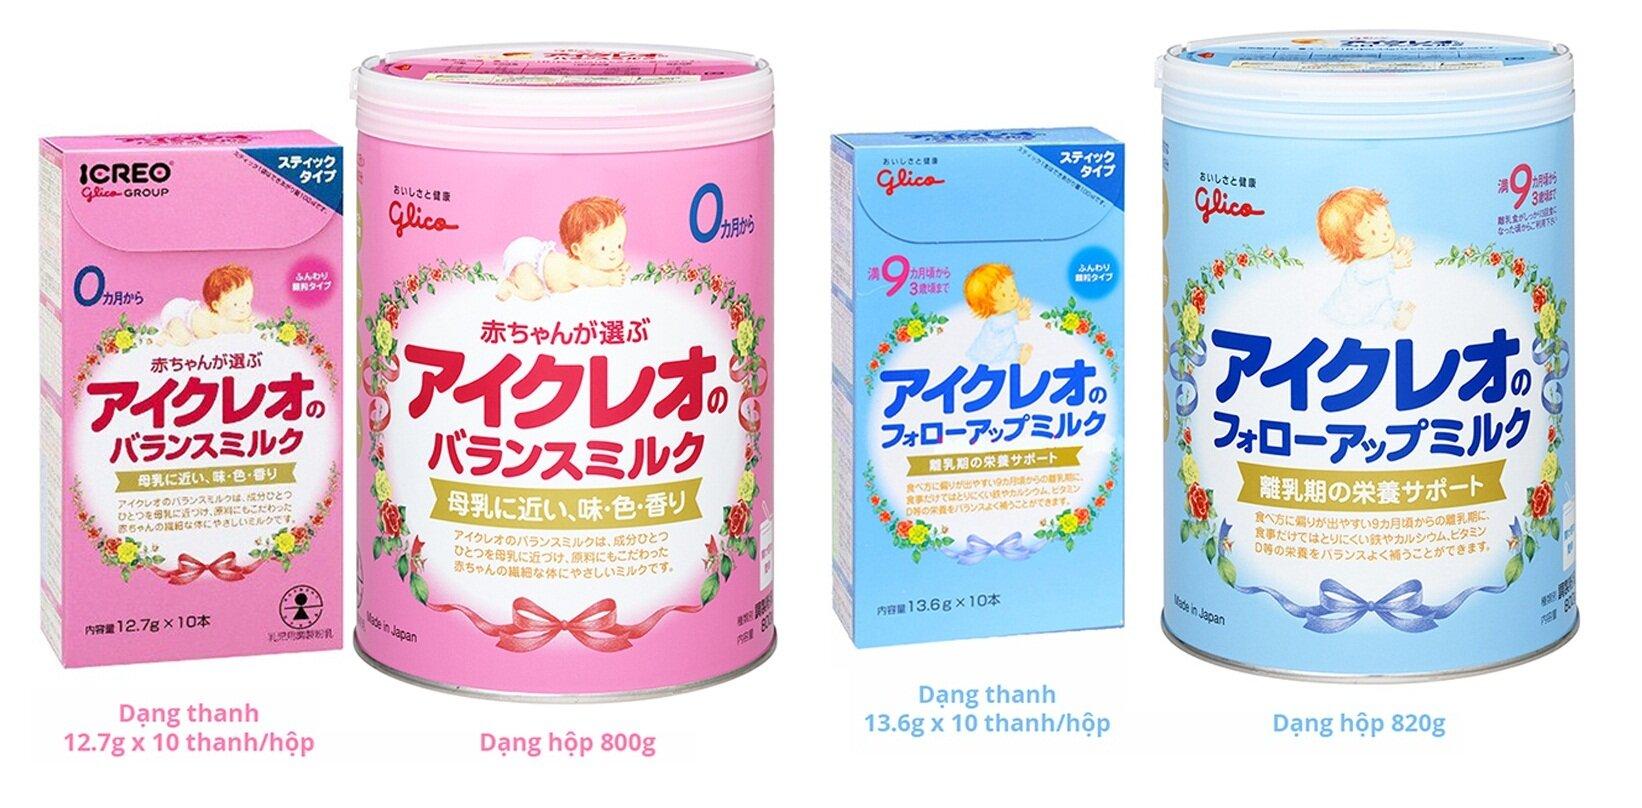 Sữa Glico 0 giúp trẻ tăng cân tốt, chống suy dinh dưỡng